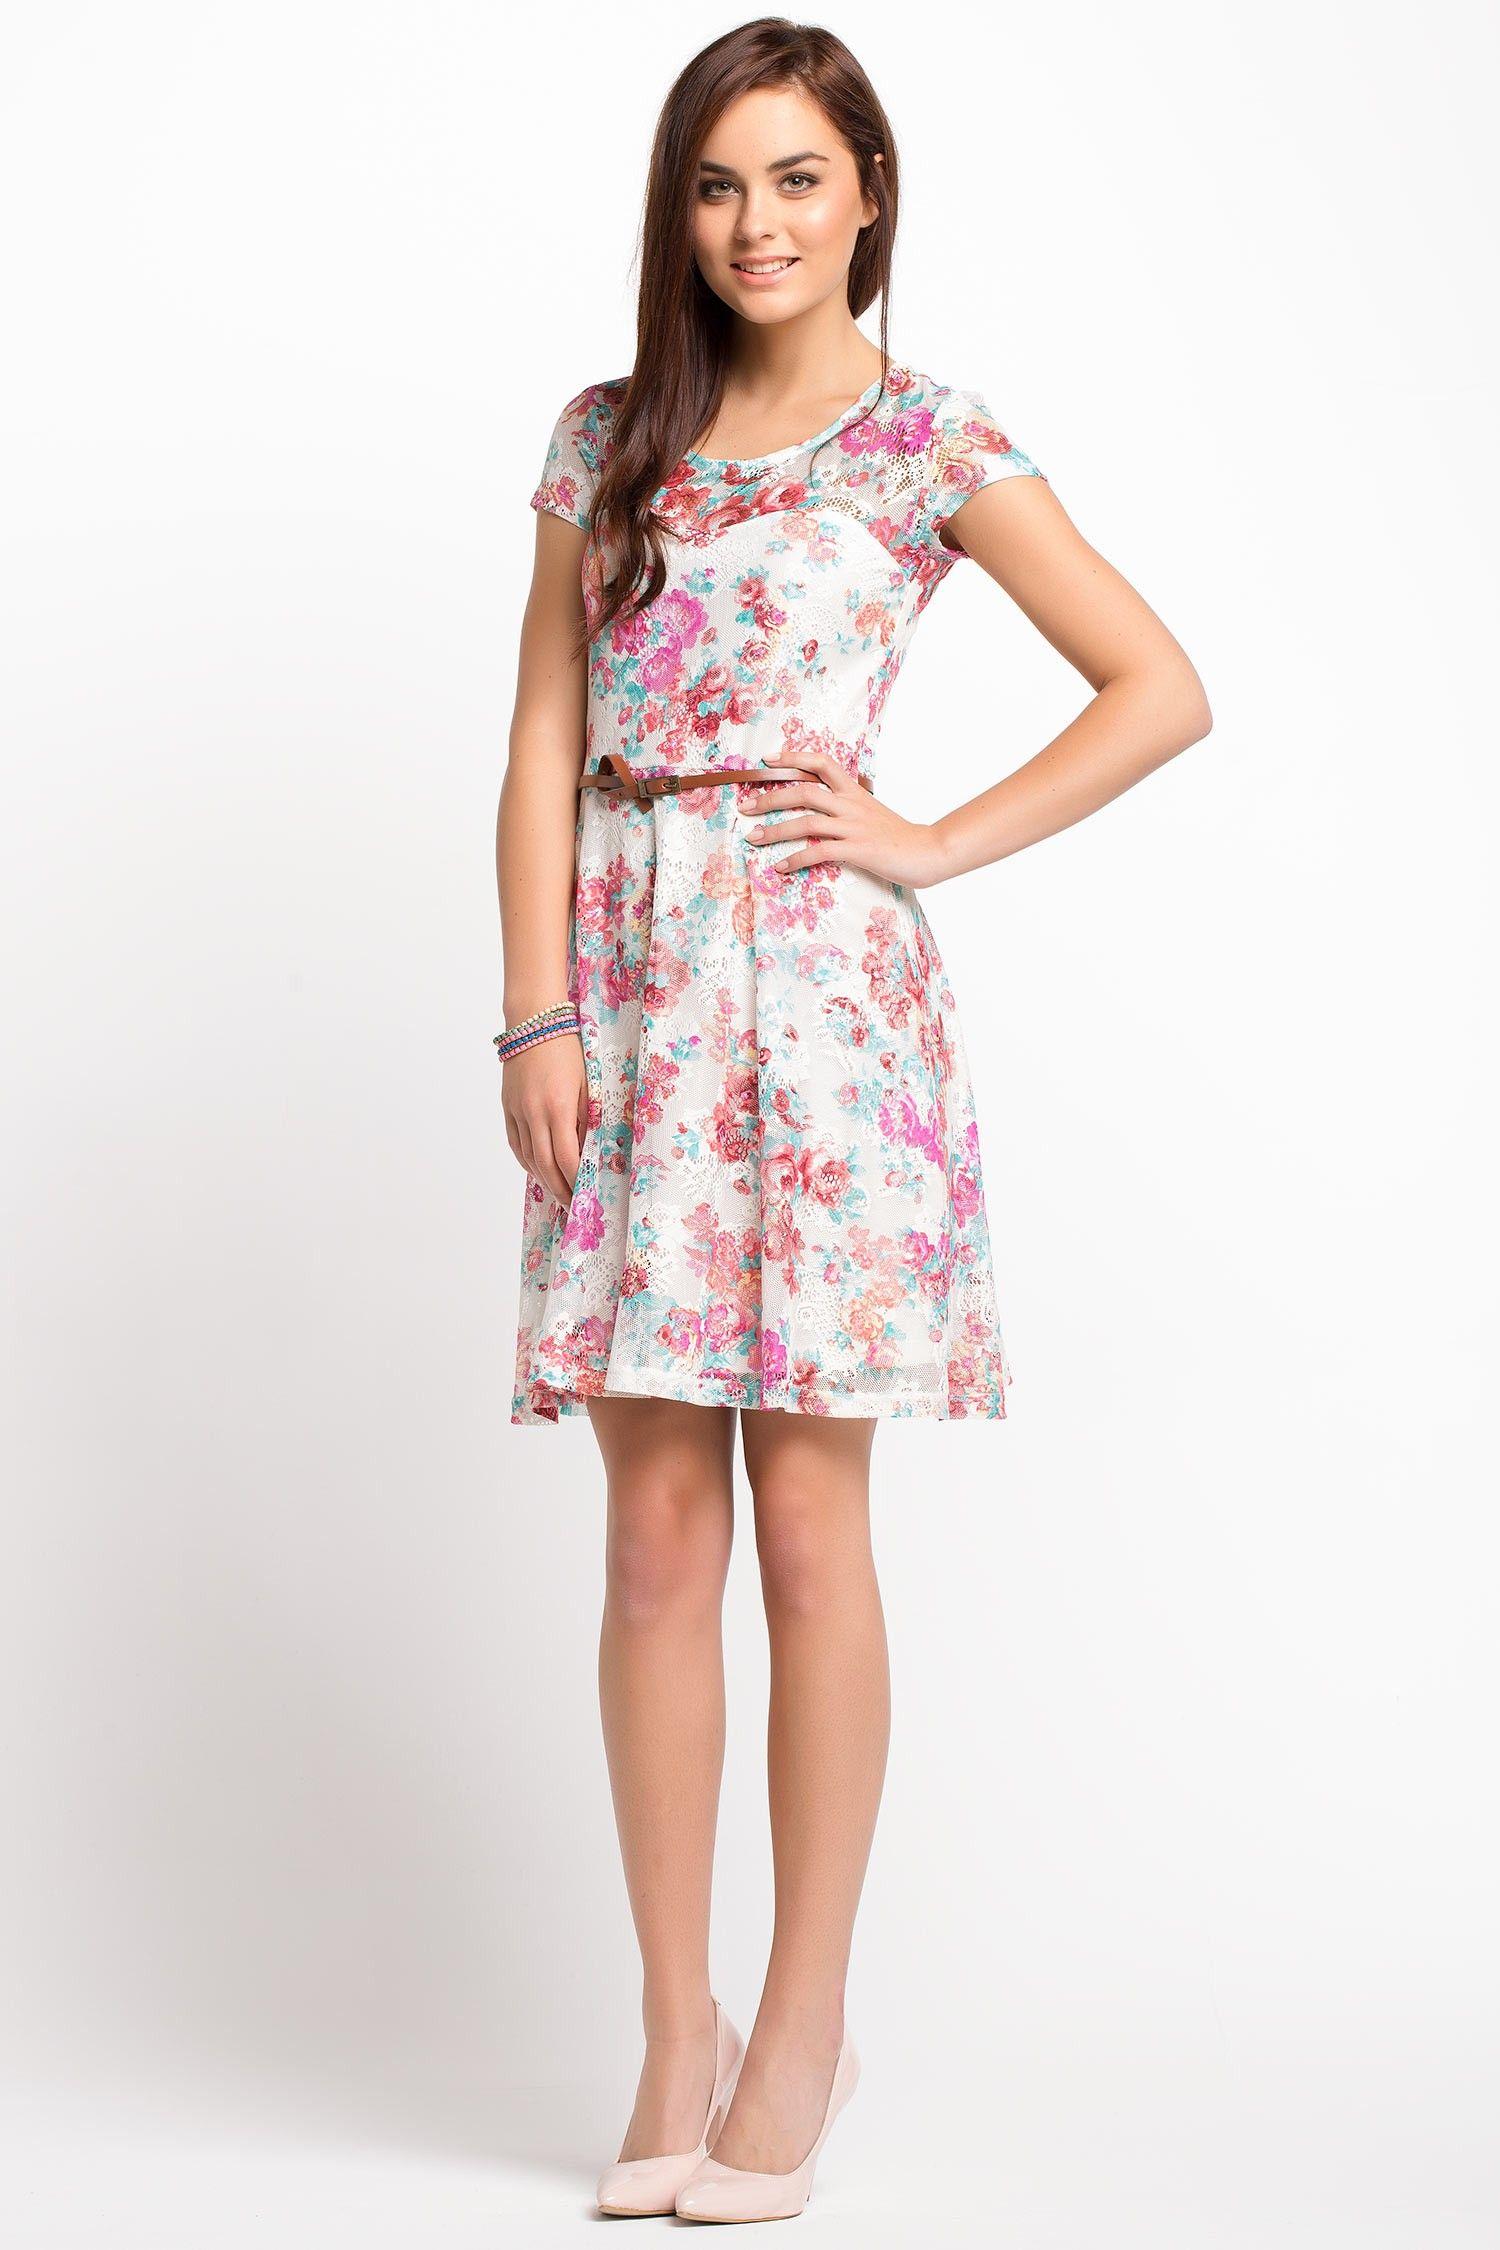 f5fbc9f849060 Çiçek Desenli Elbise ben bunu alışverişte giyeceğim | defacto ile ...